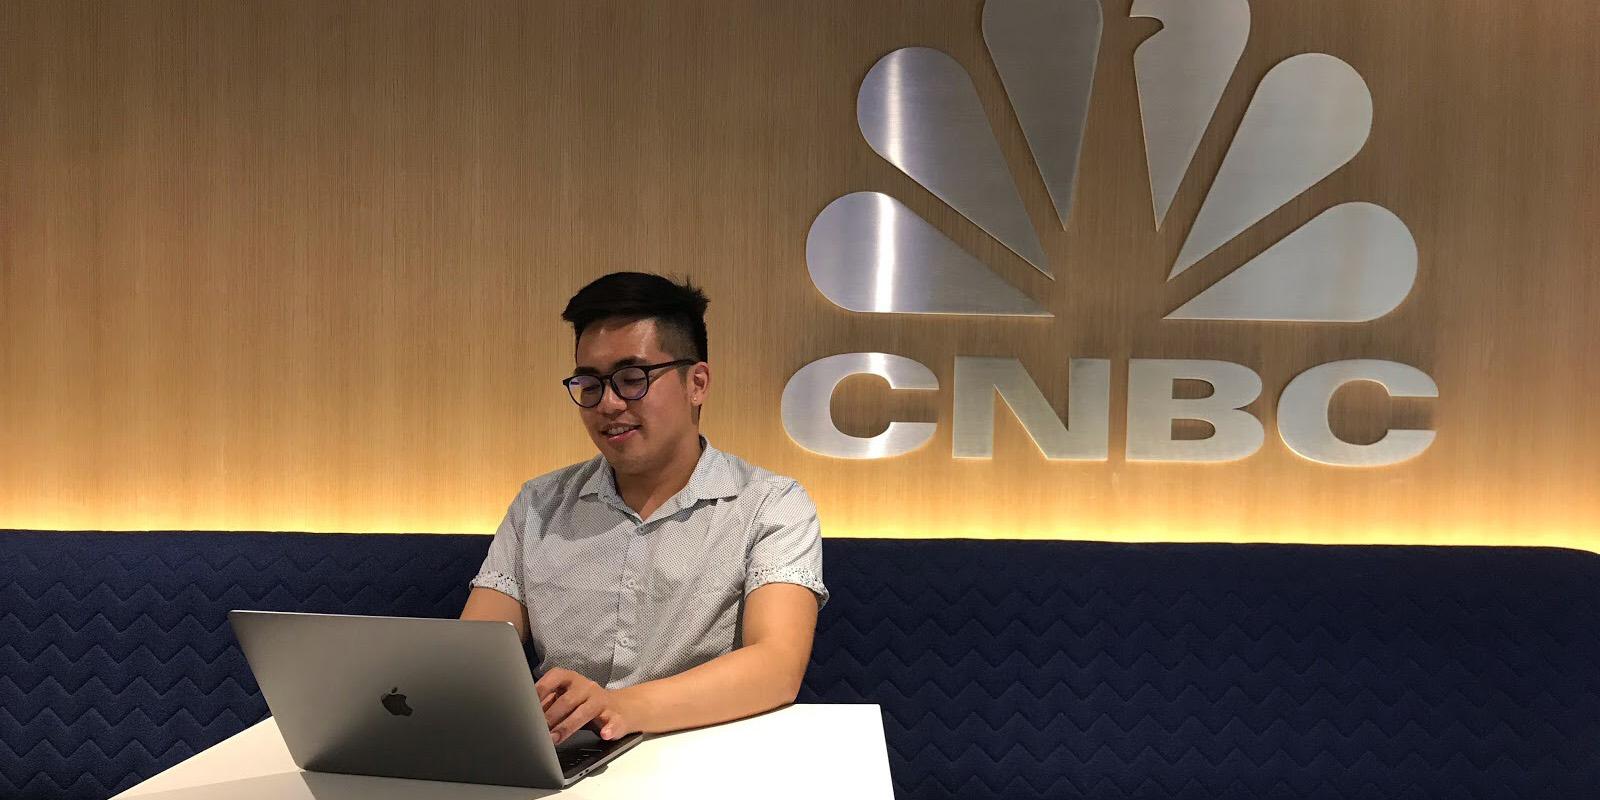 Brian Balayon at CNBC studio